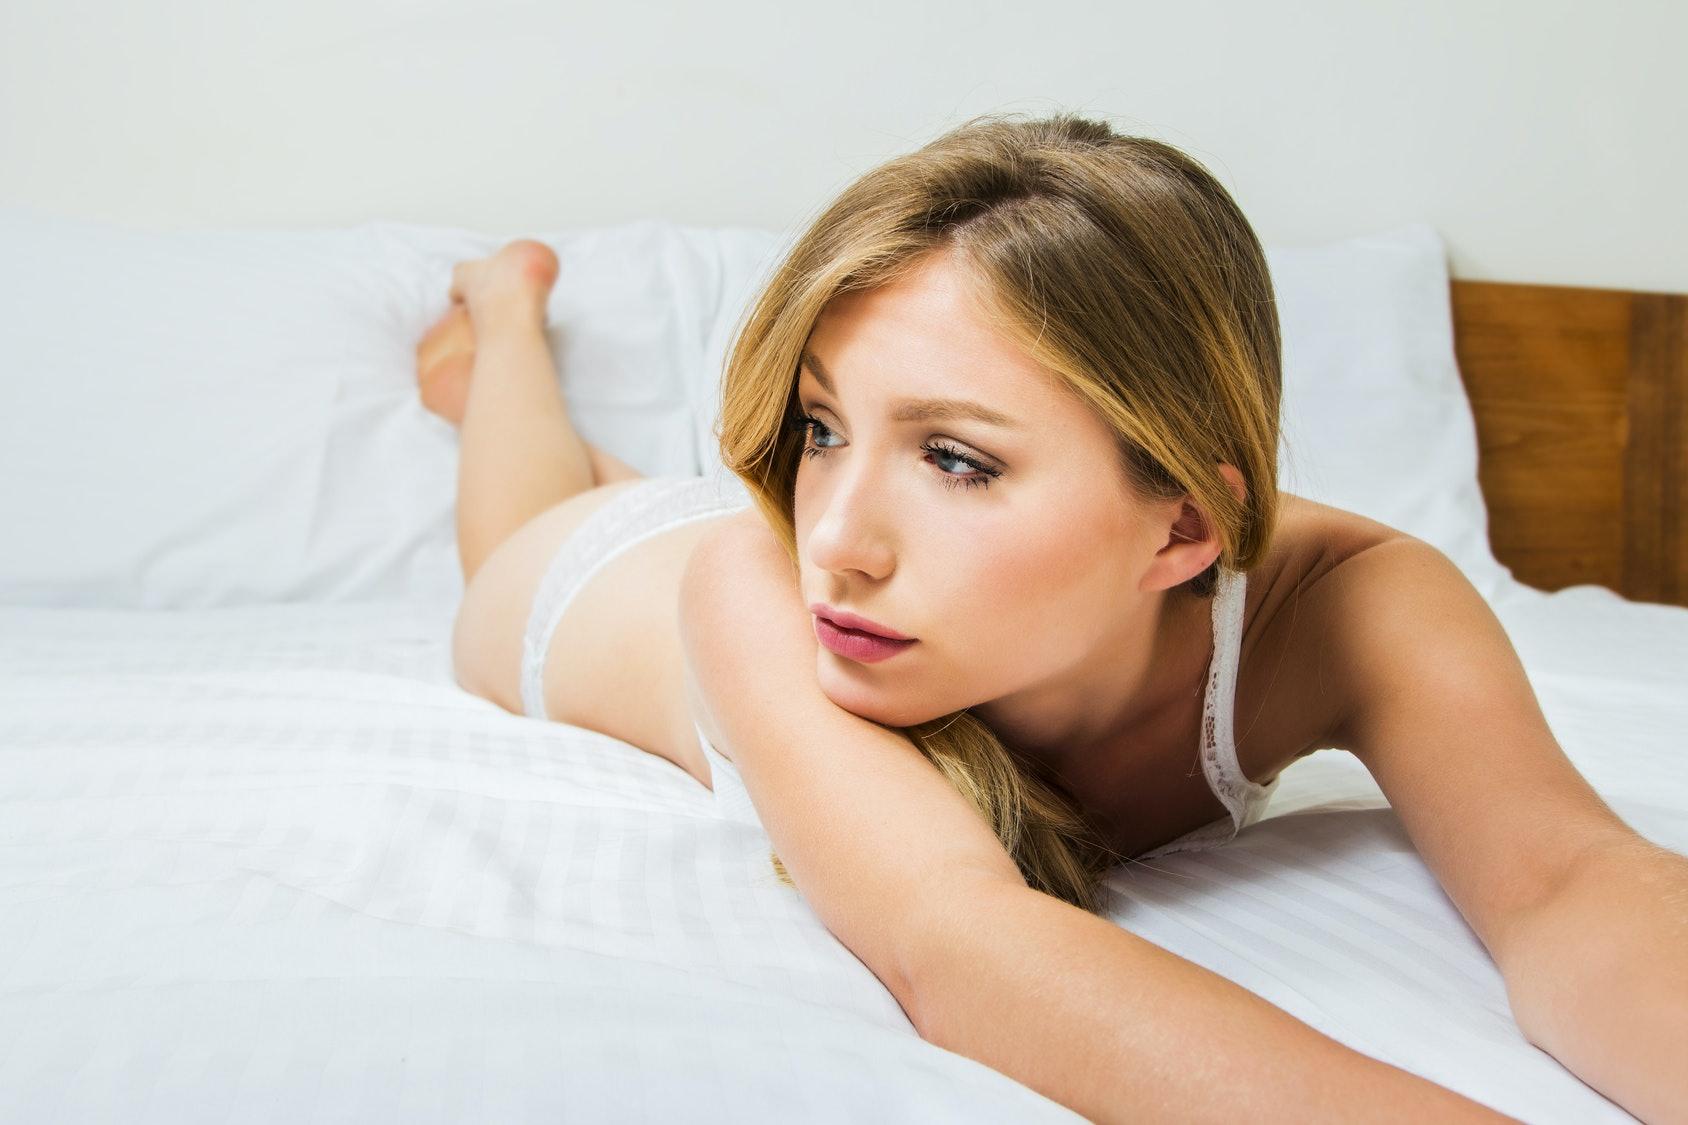 Sex afraid of pleasure